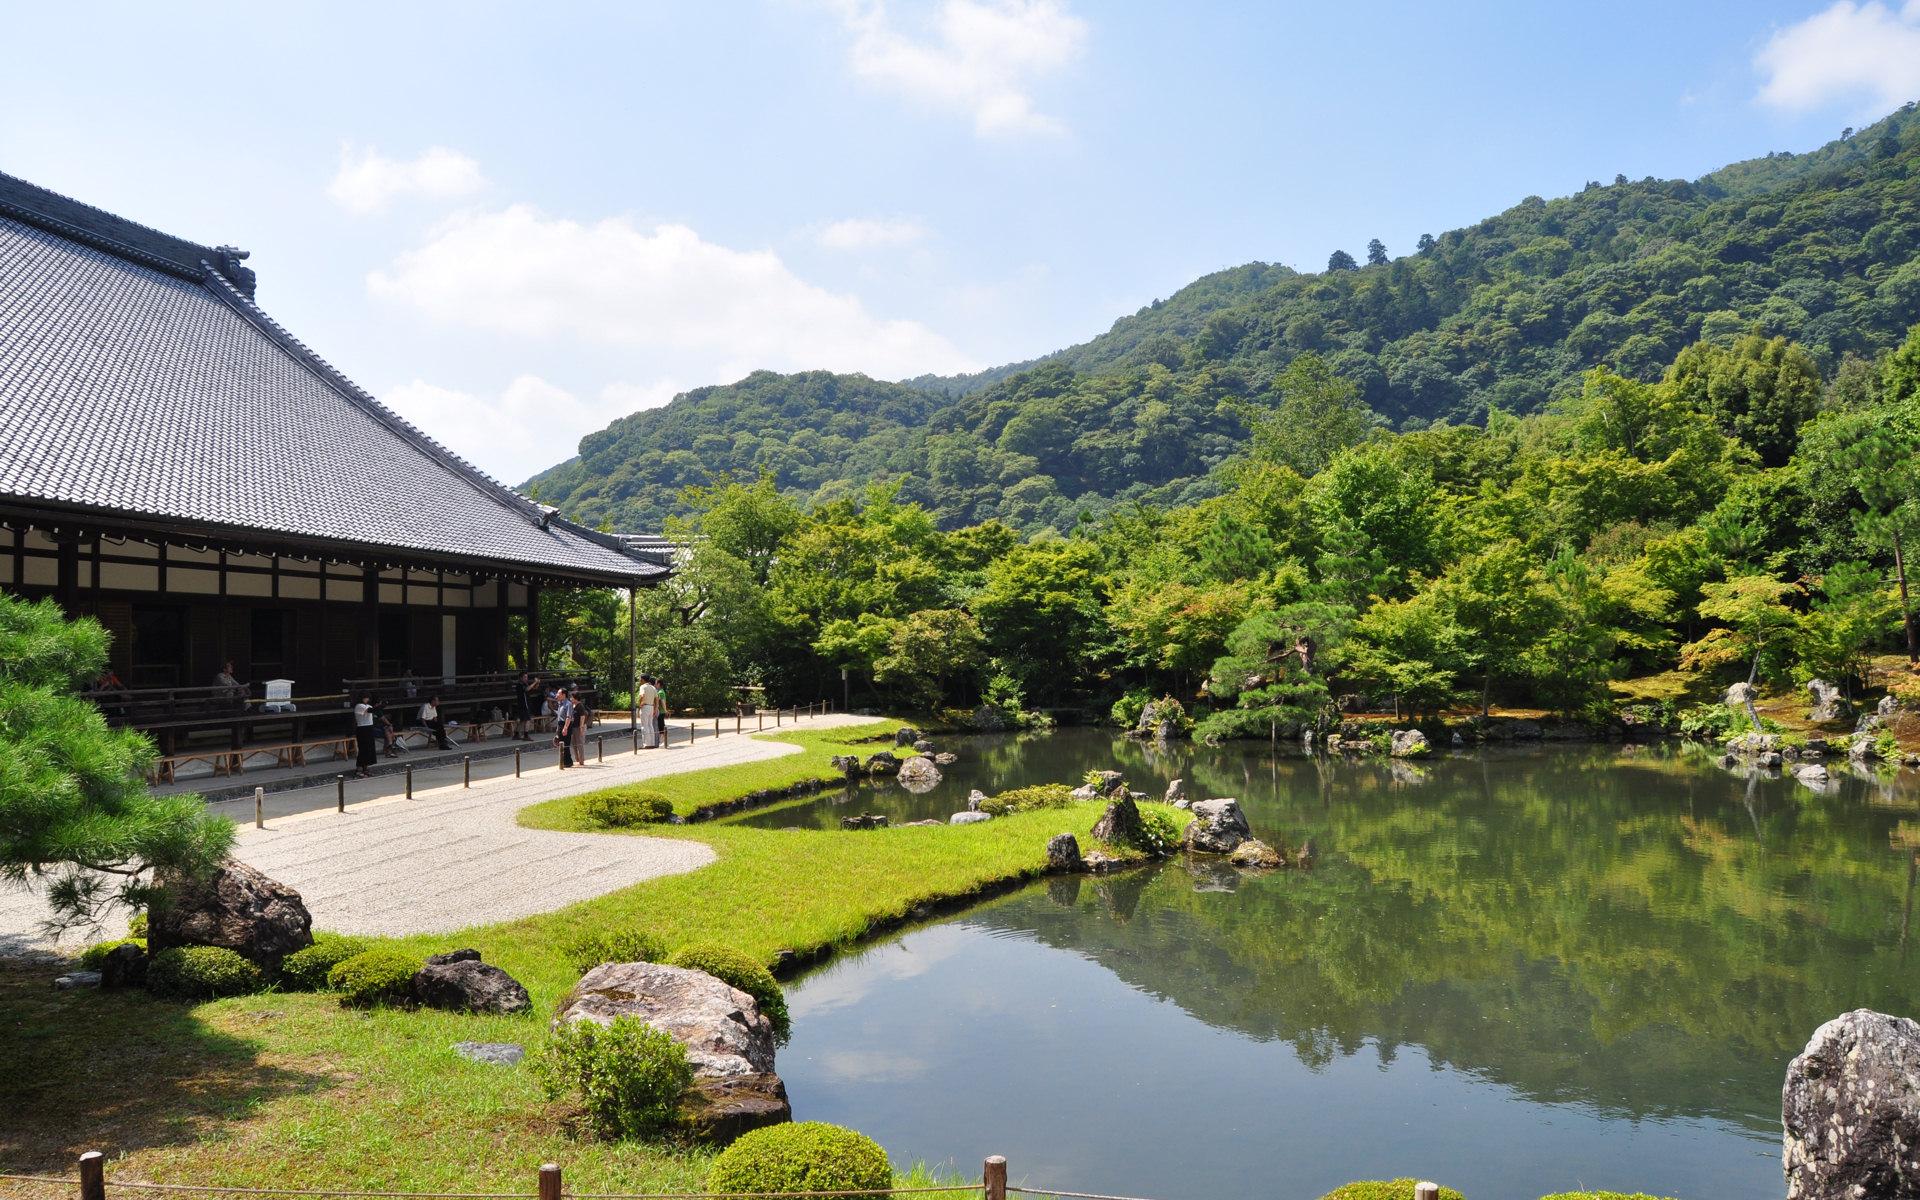 Kyoto tenryuji